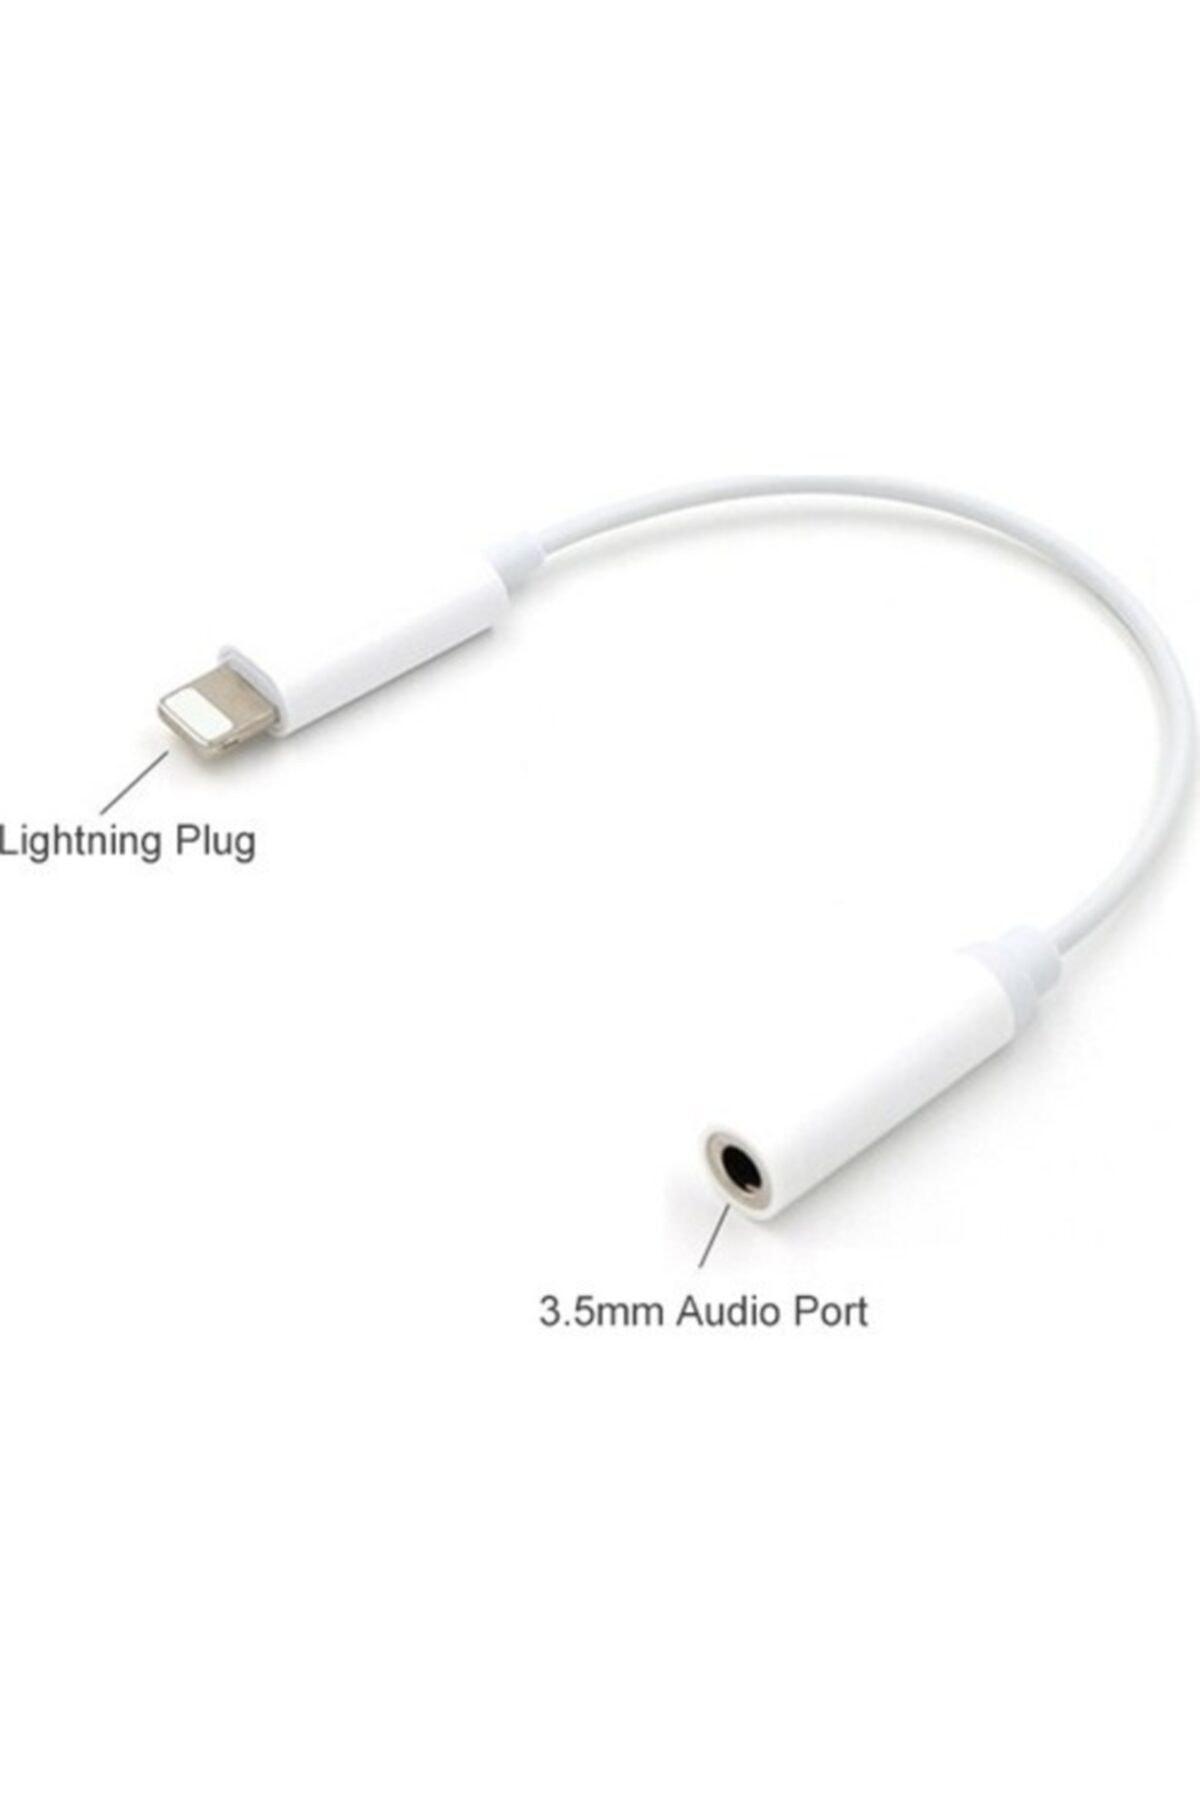 Evren Apple Iphone 5/6/7/8/x/xr/plus Kulaklık Çevirici/dönüştürücülightning To Aux 2